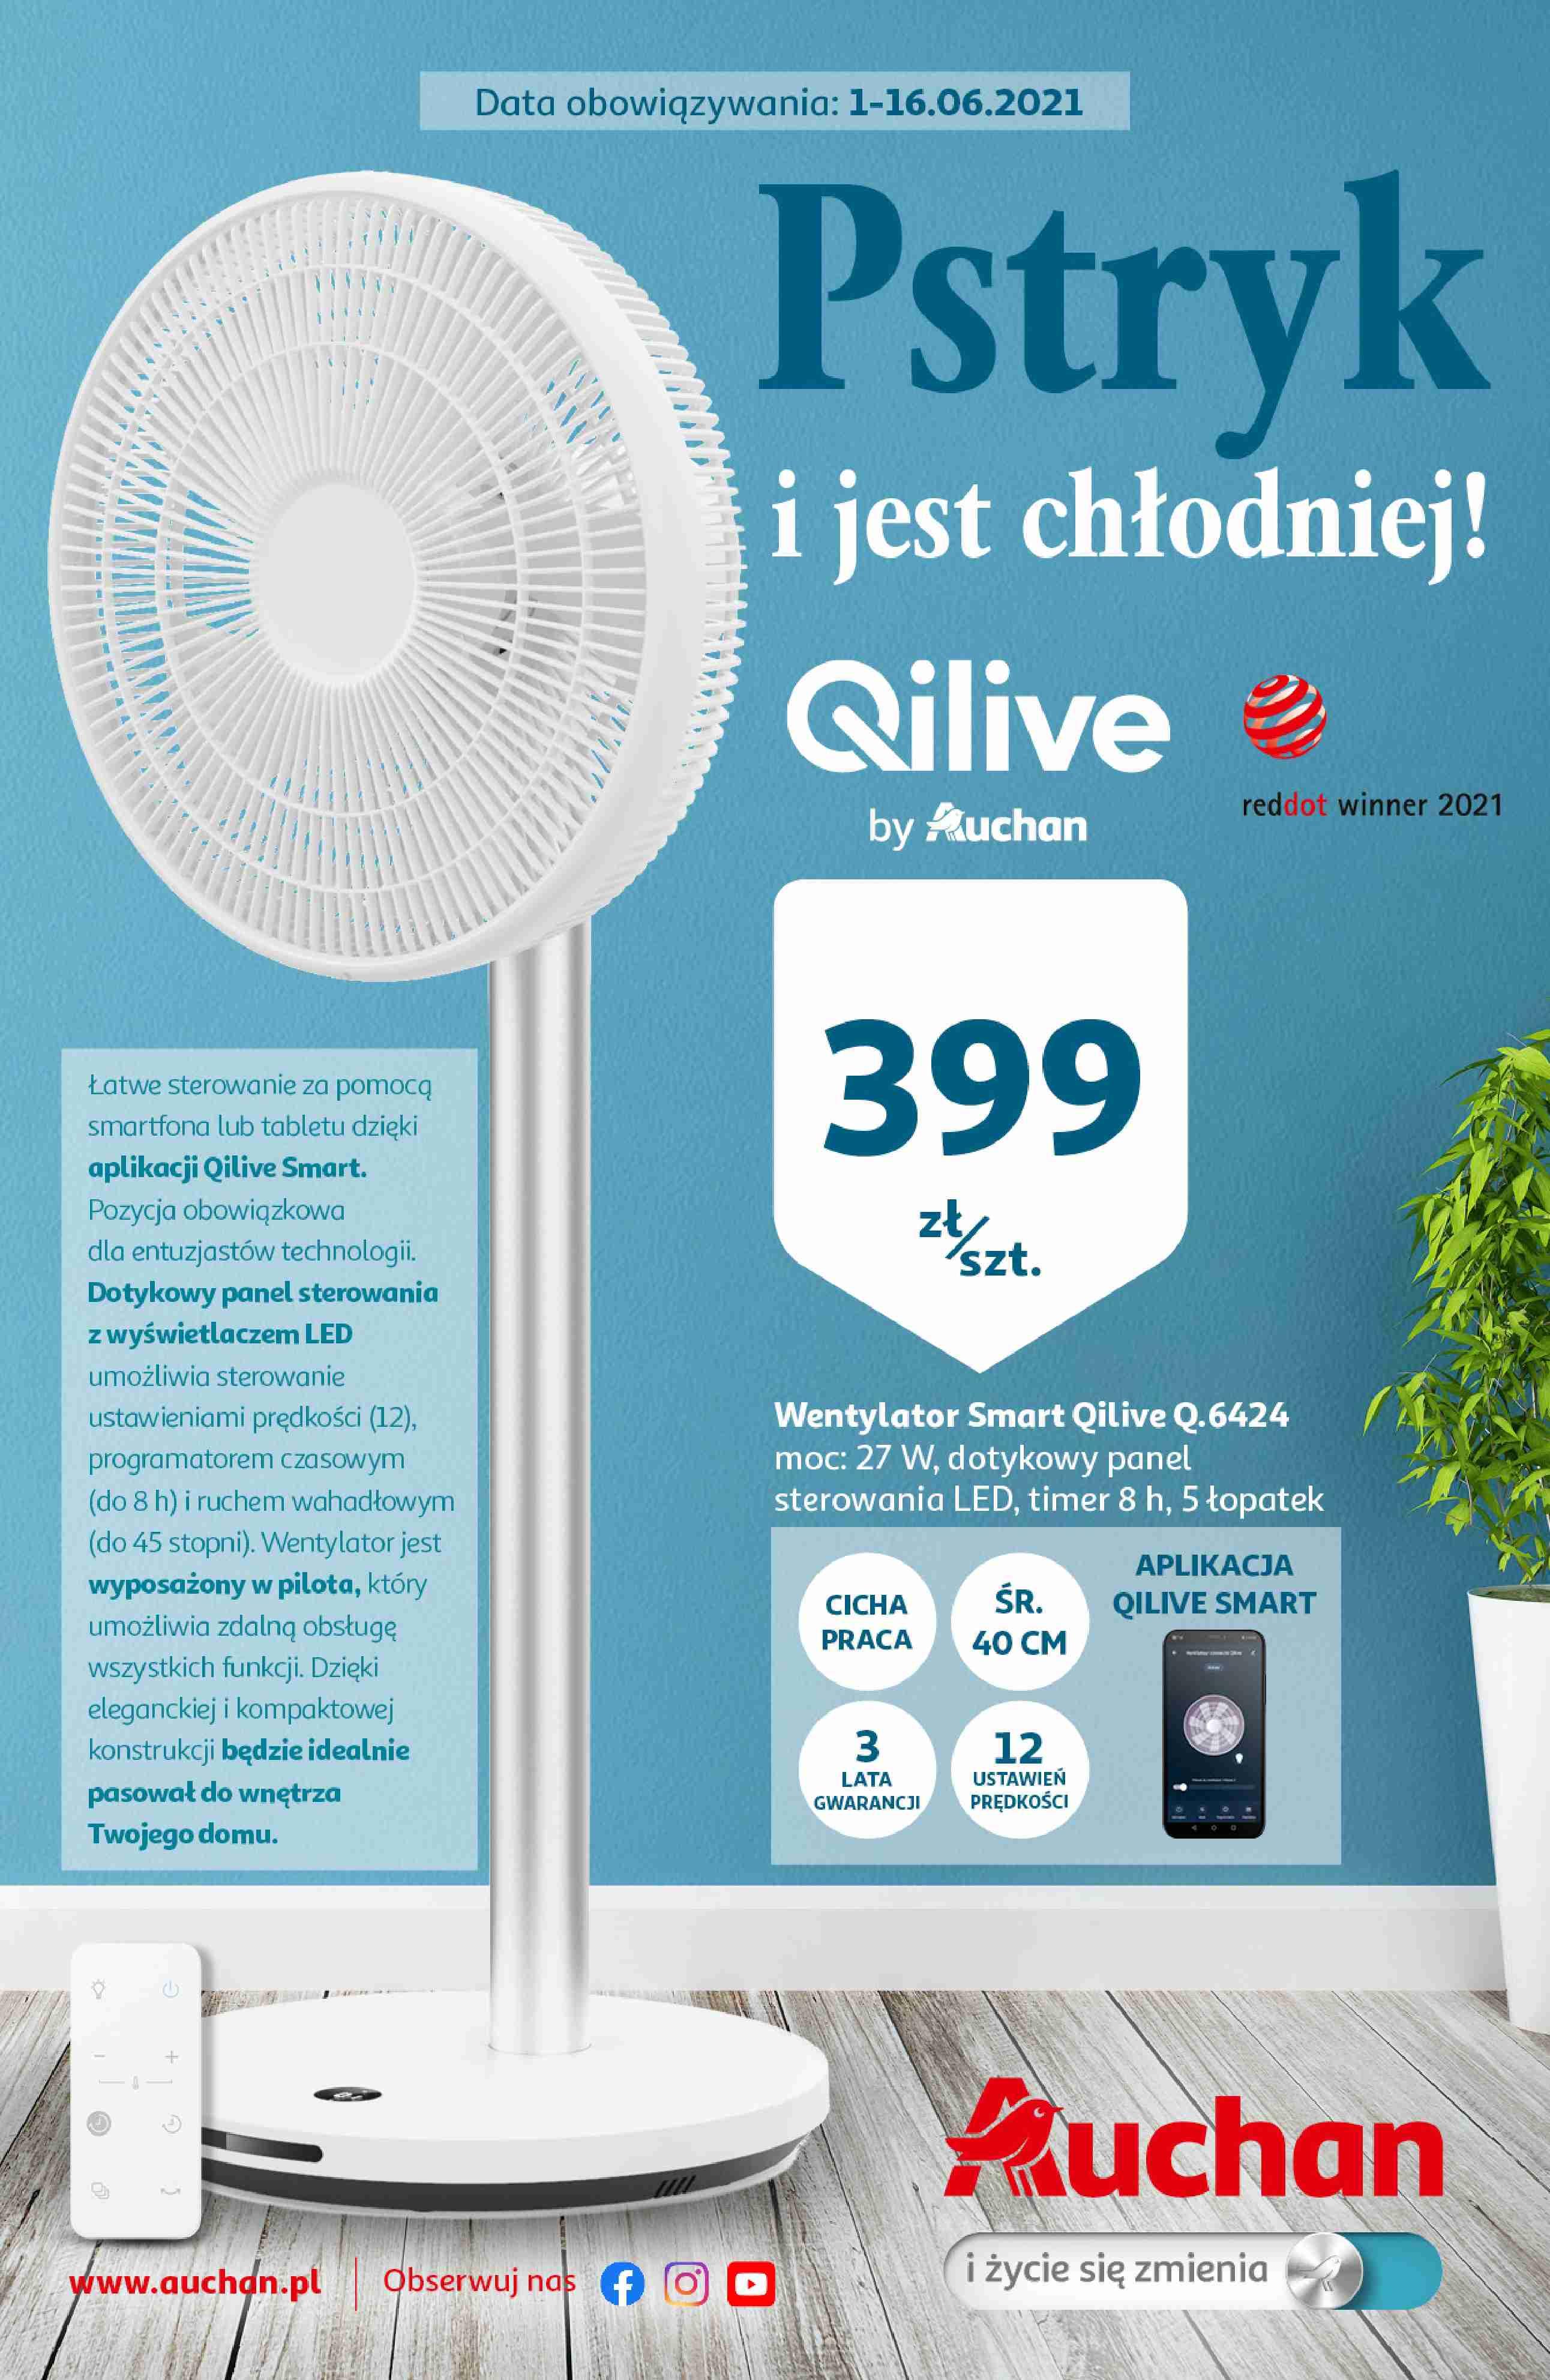 Auchan Gazetka promocyjna - Pstryk i jest chłodniej - 01.06 - 16.06